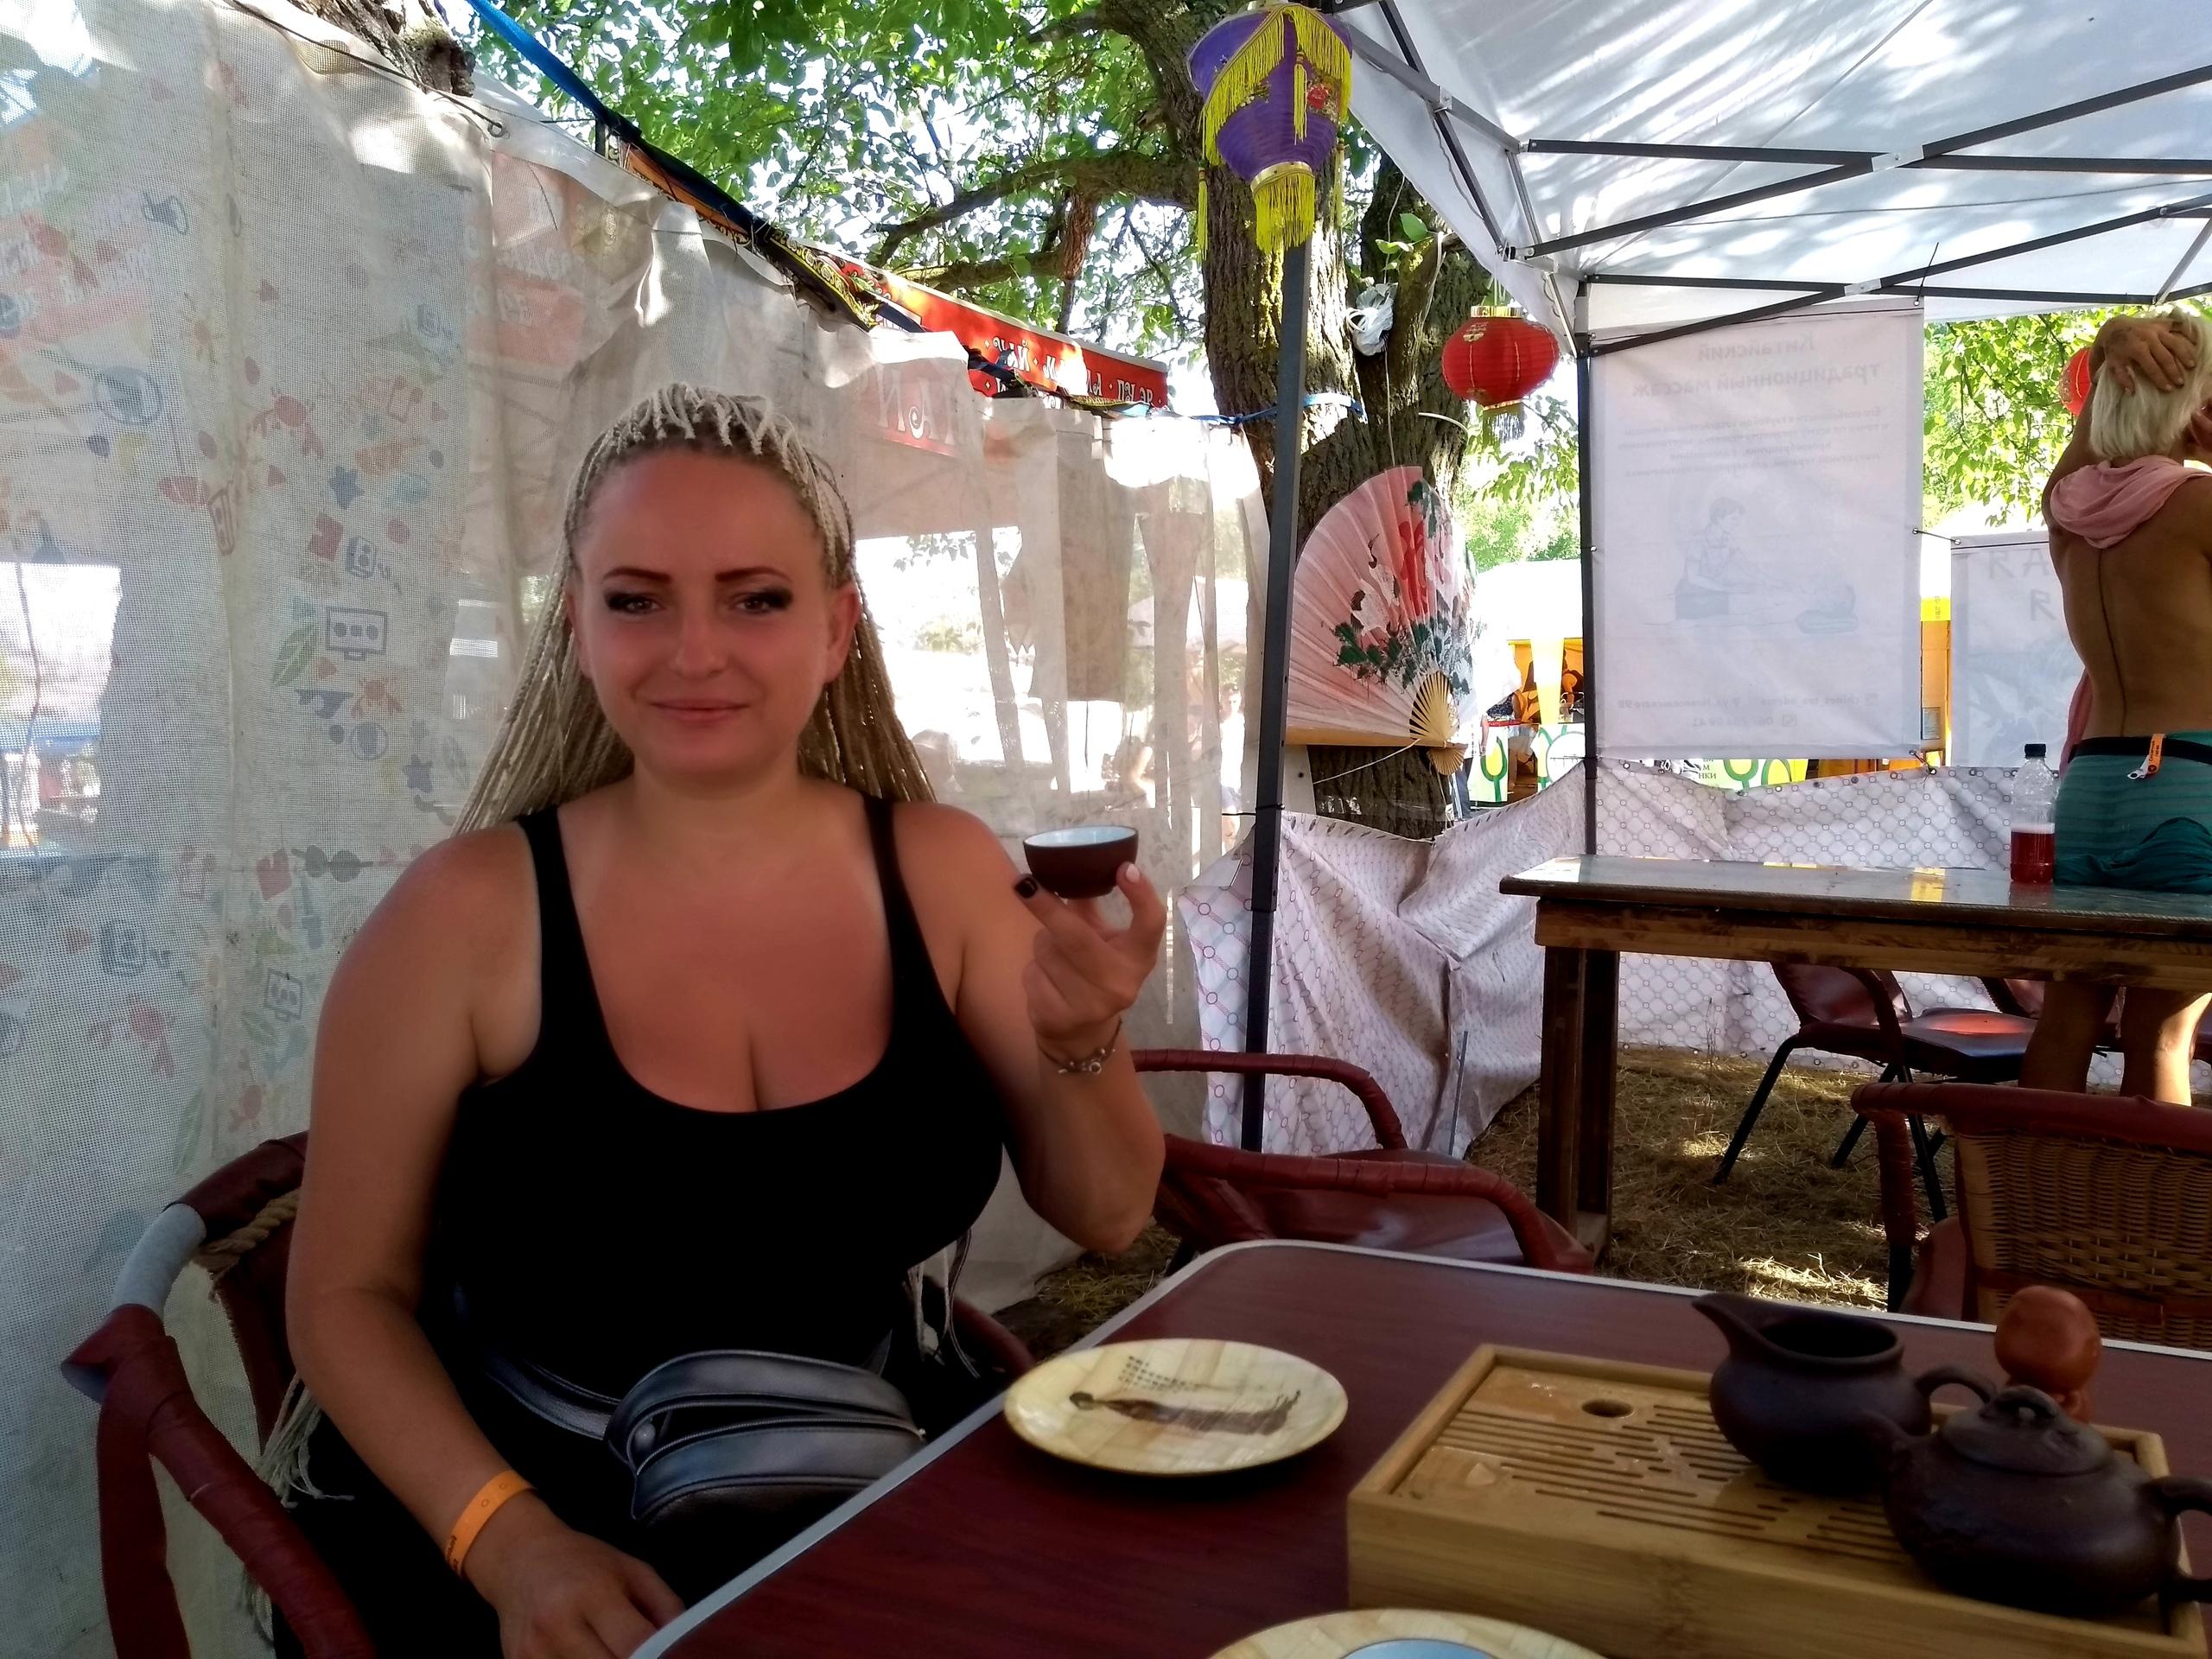 Елена Руденко (Валтея). Эзотерический фестиваль. Одесская сказка 2018 г. - Страница 8 CA2_UtpCgMY